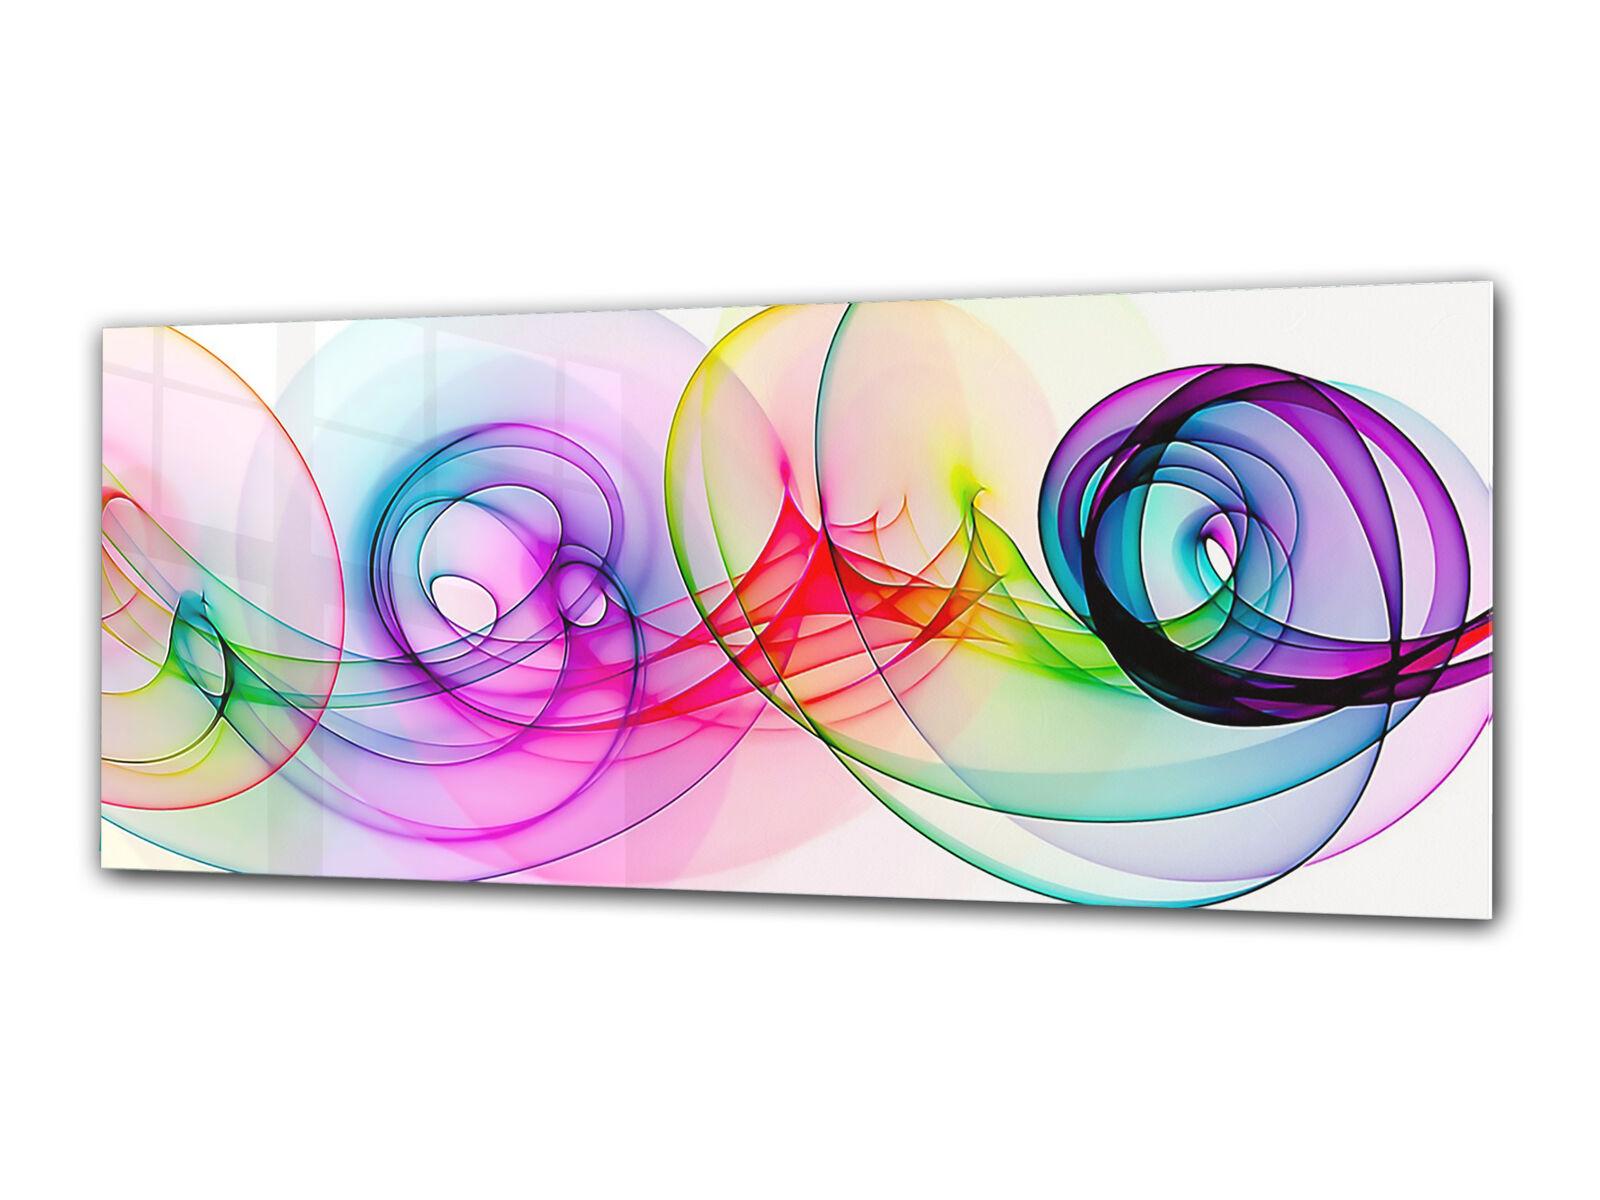 Verre Imprimer Wall Art 125x50 Cm Image sur Verre Déco Mur Photo 81326317